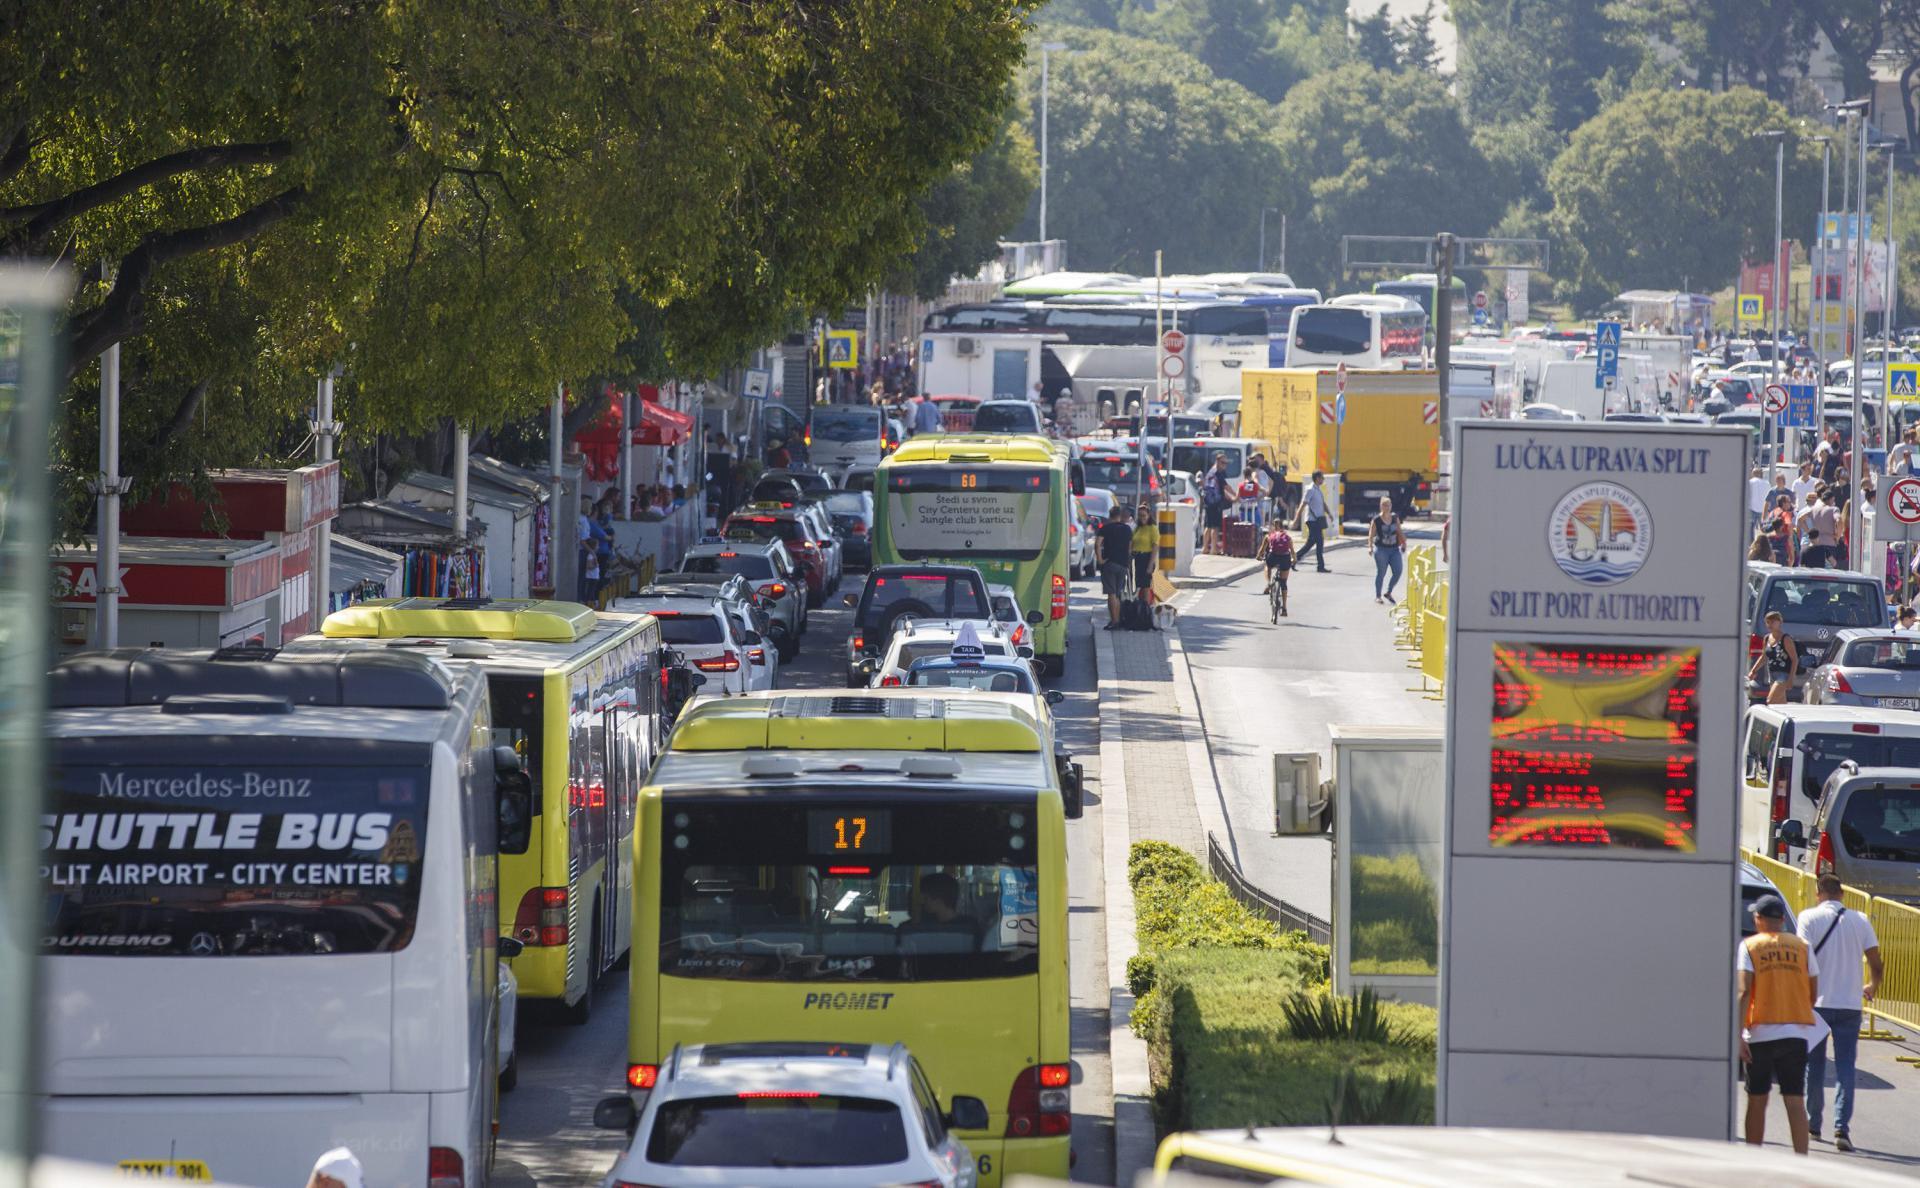 Trajektna luka bit će rasterećenija u novom režimu vožnje 'Prometovih' autobusa